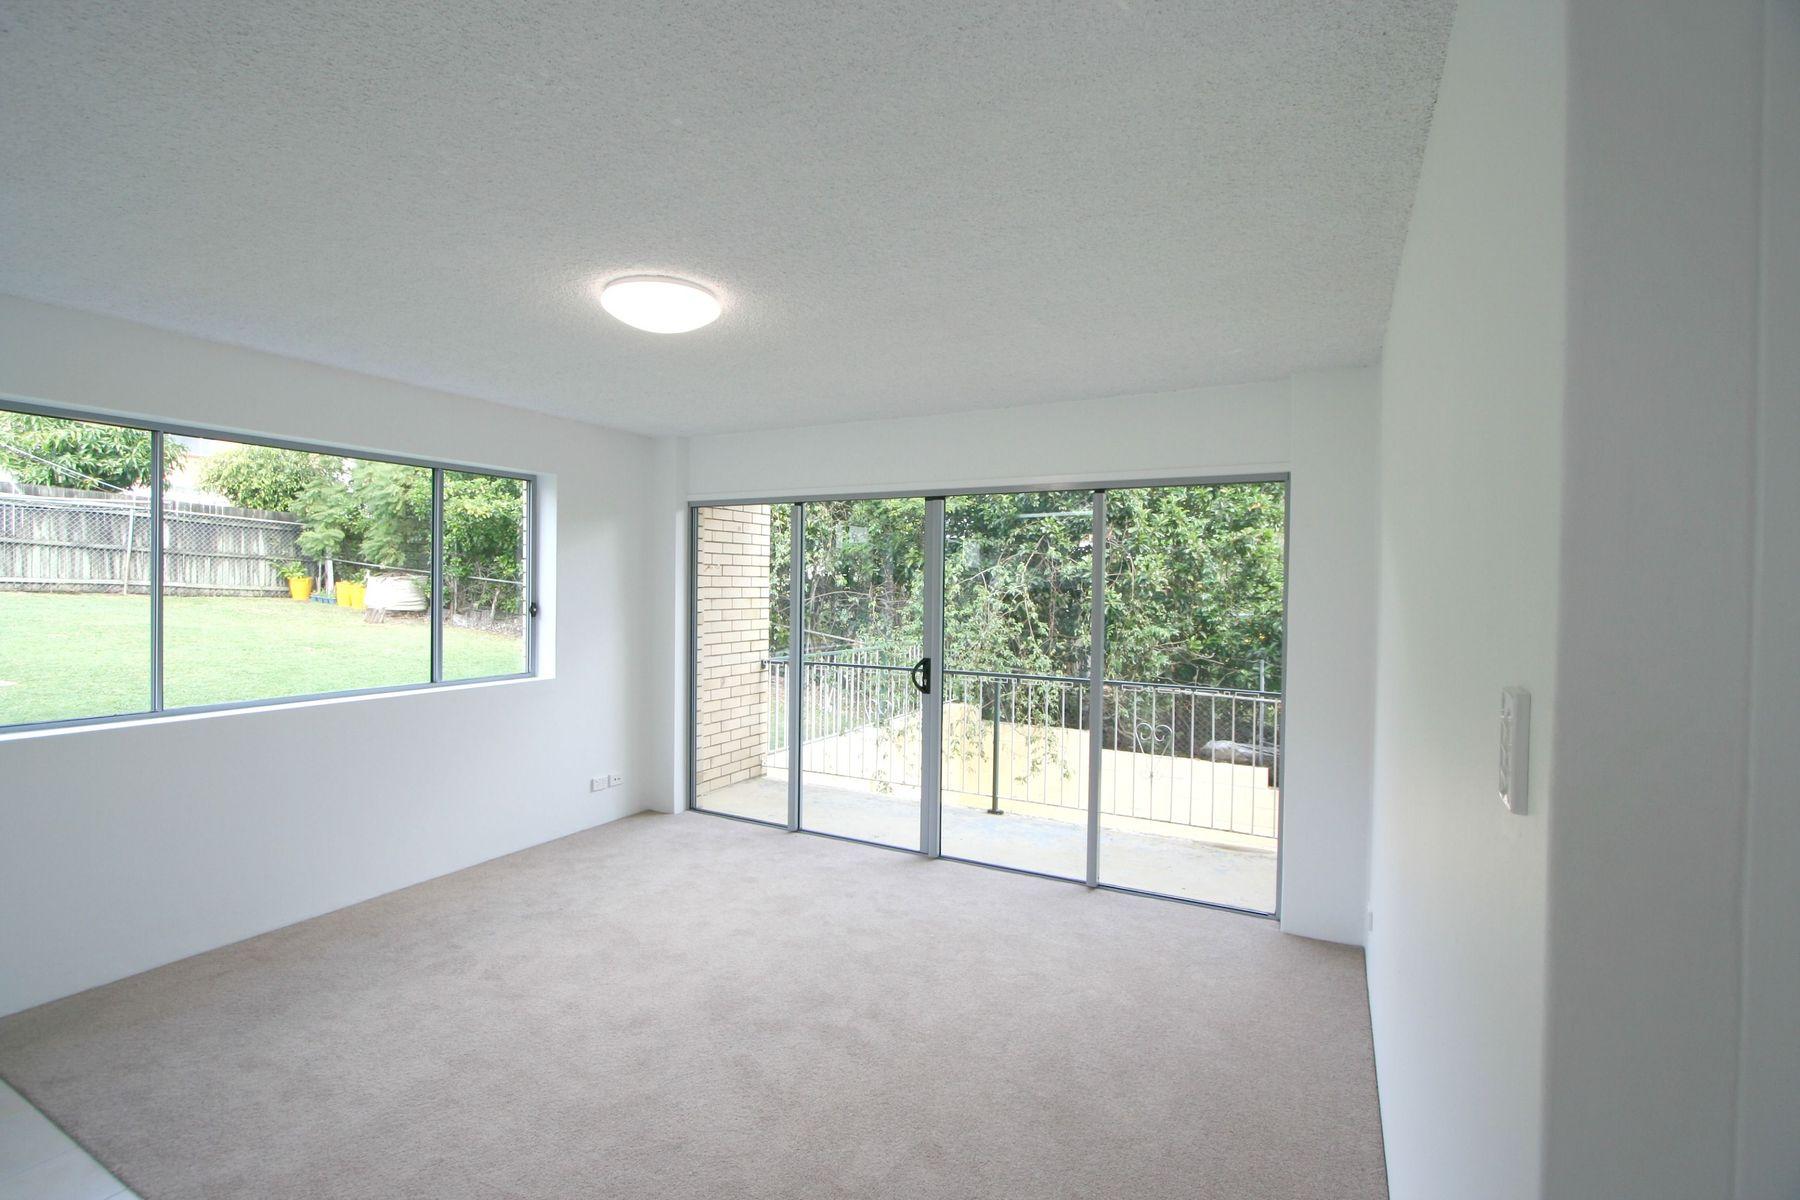 3/165 Brisbane Street, Bulimba, QLD 4171